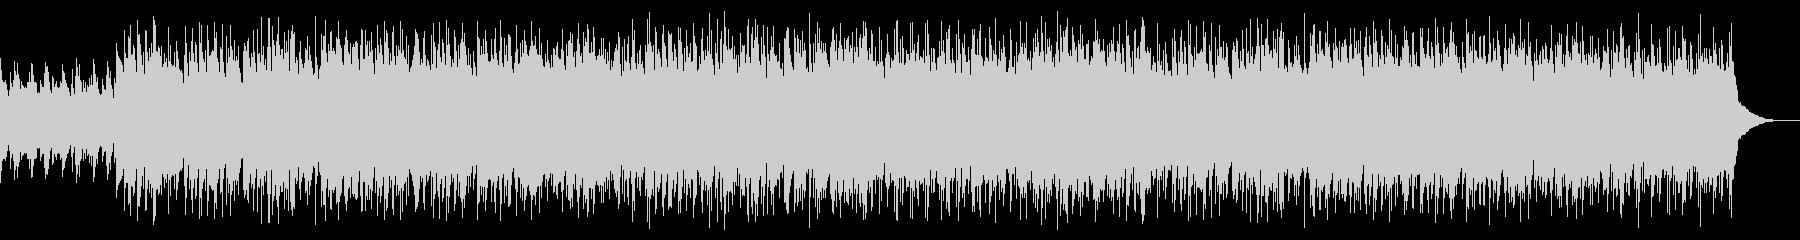 ボサノバ ジャズ ピアノ ナイロンギターの未再生の波形